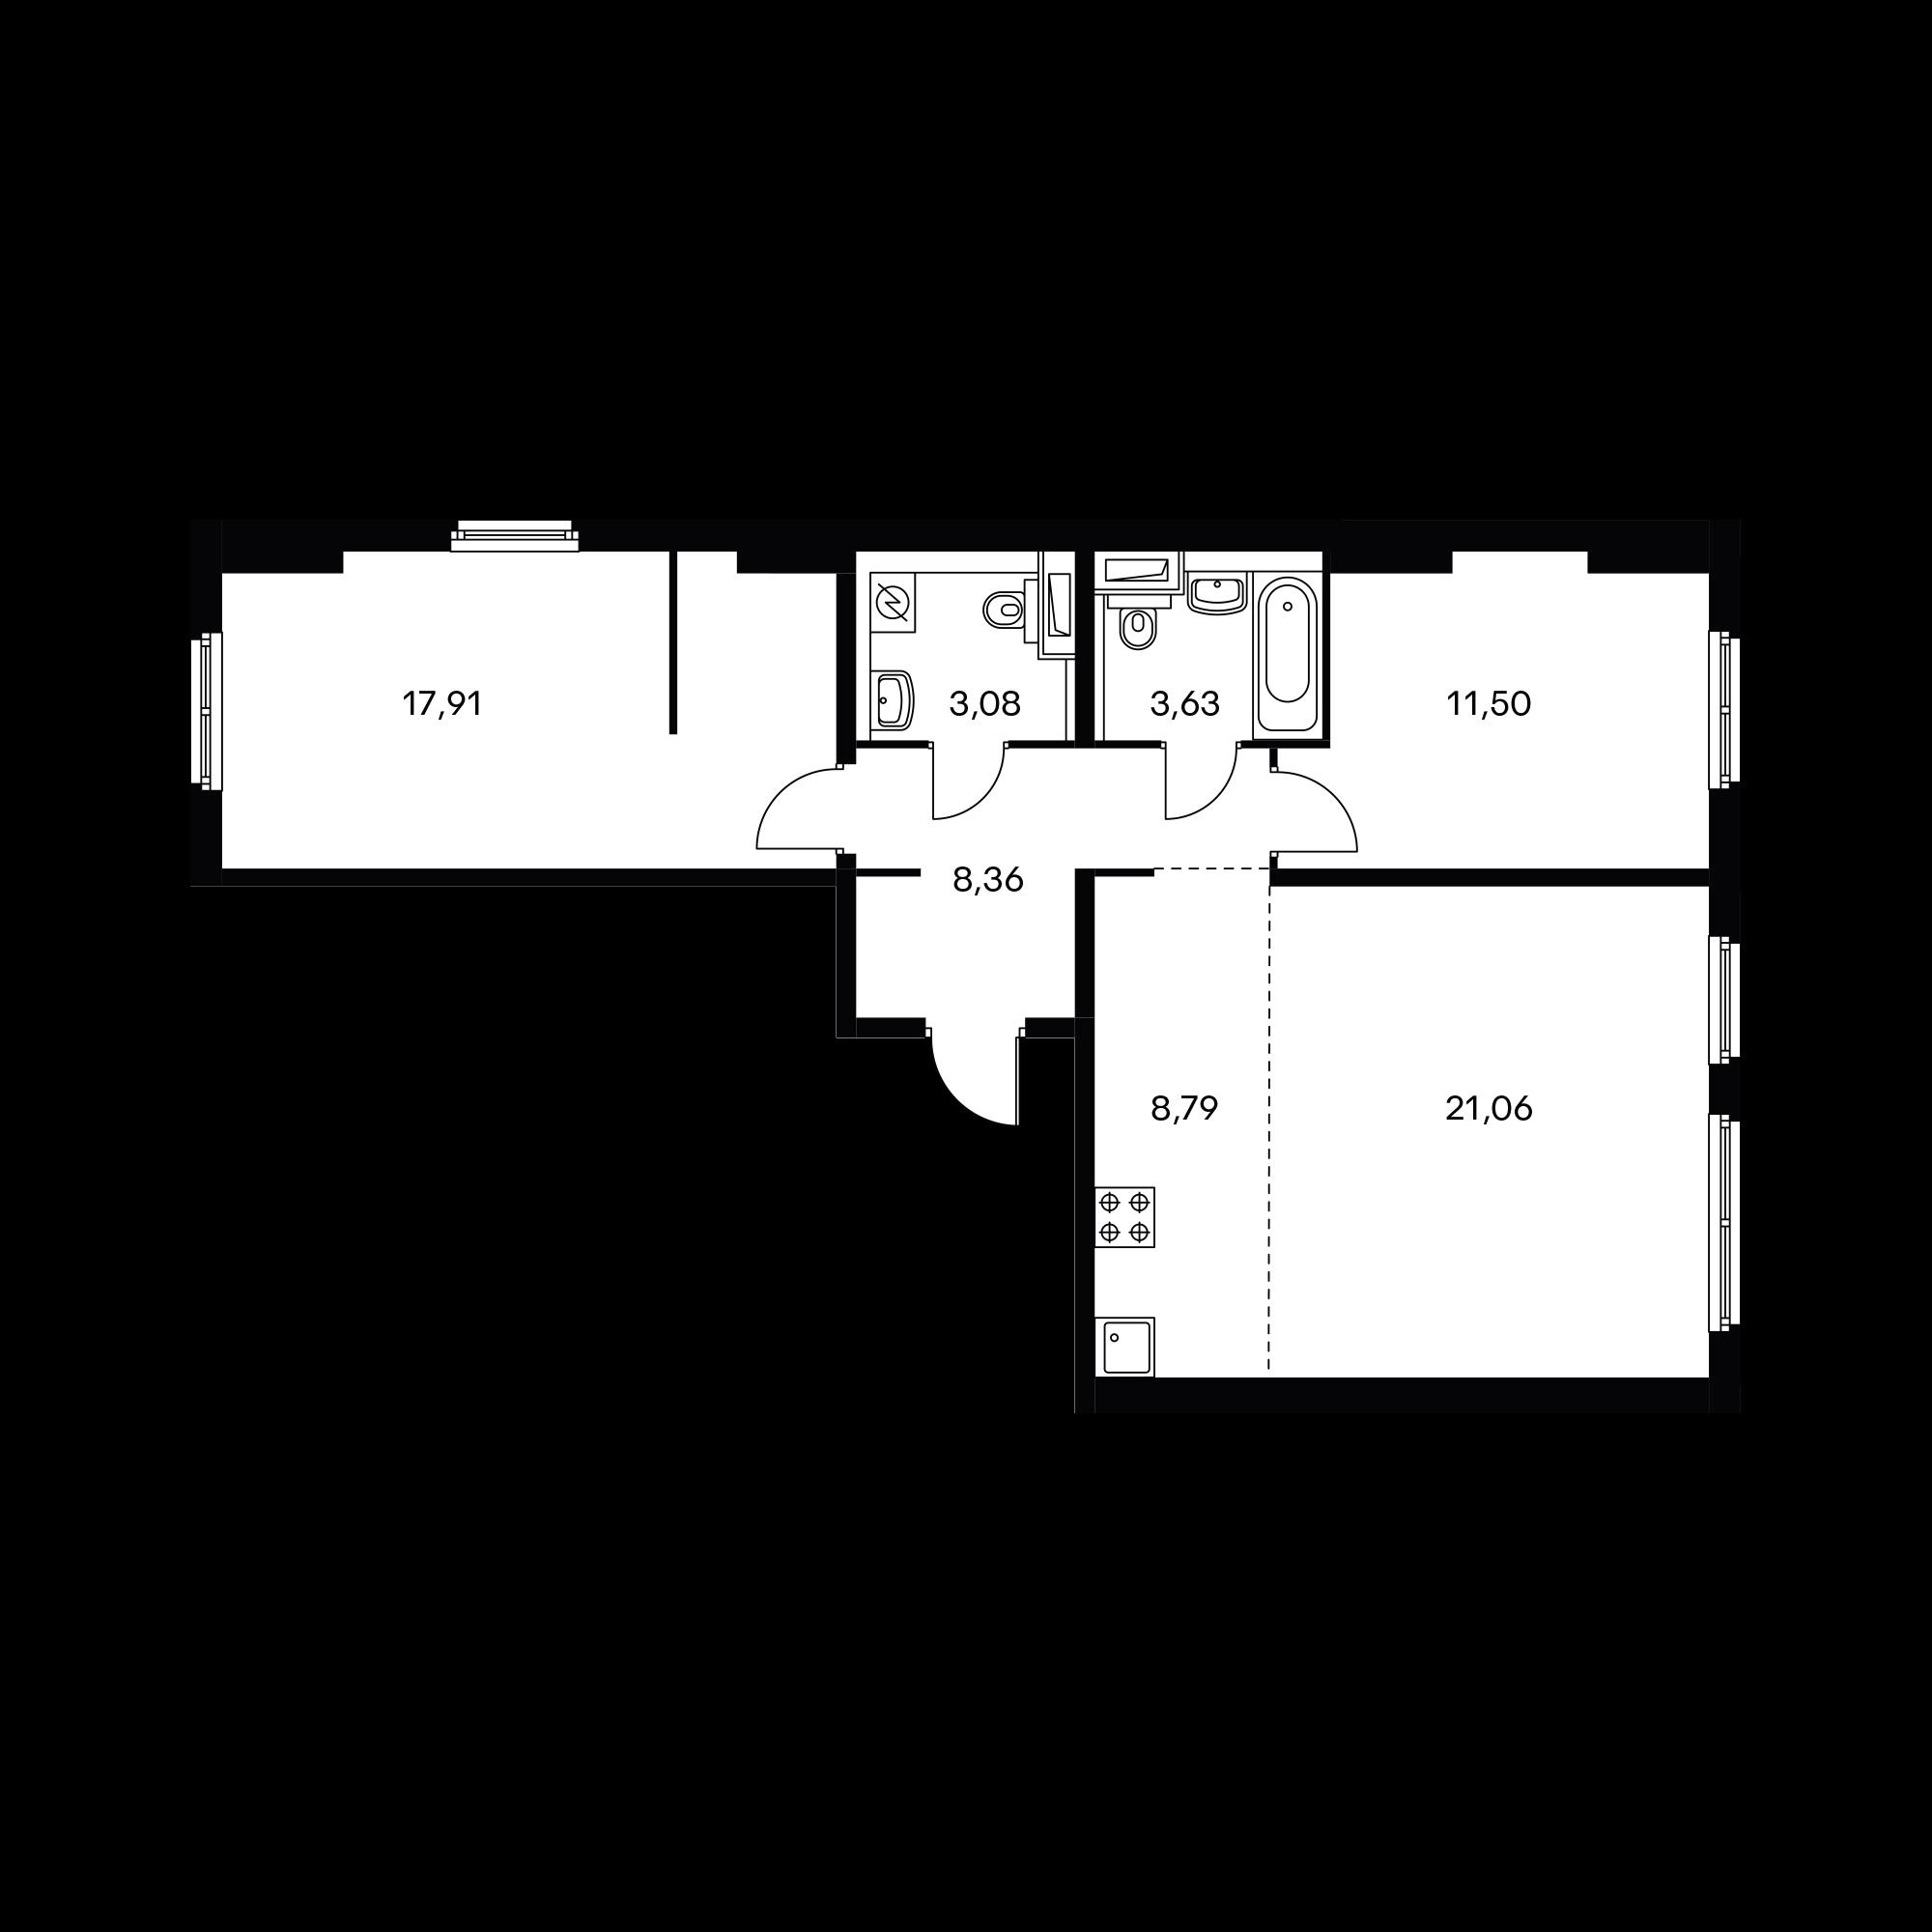 3NM1_8.4-2_T_A